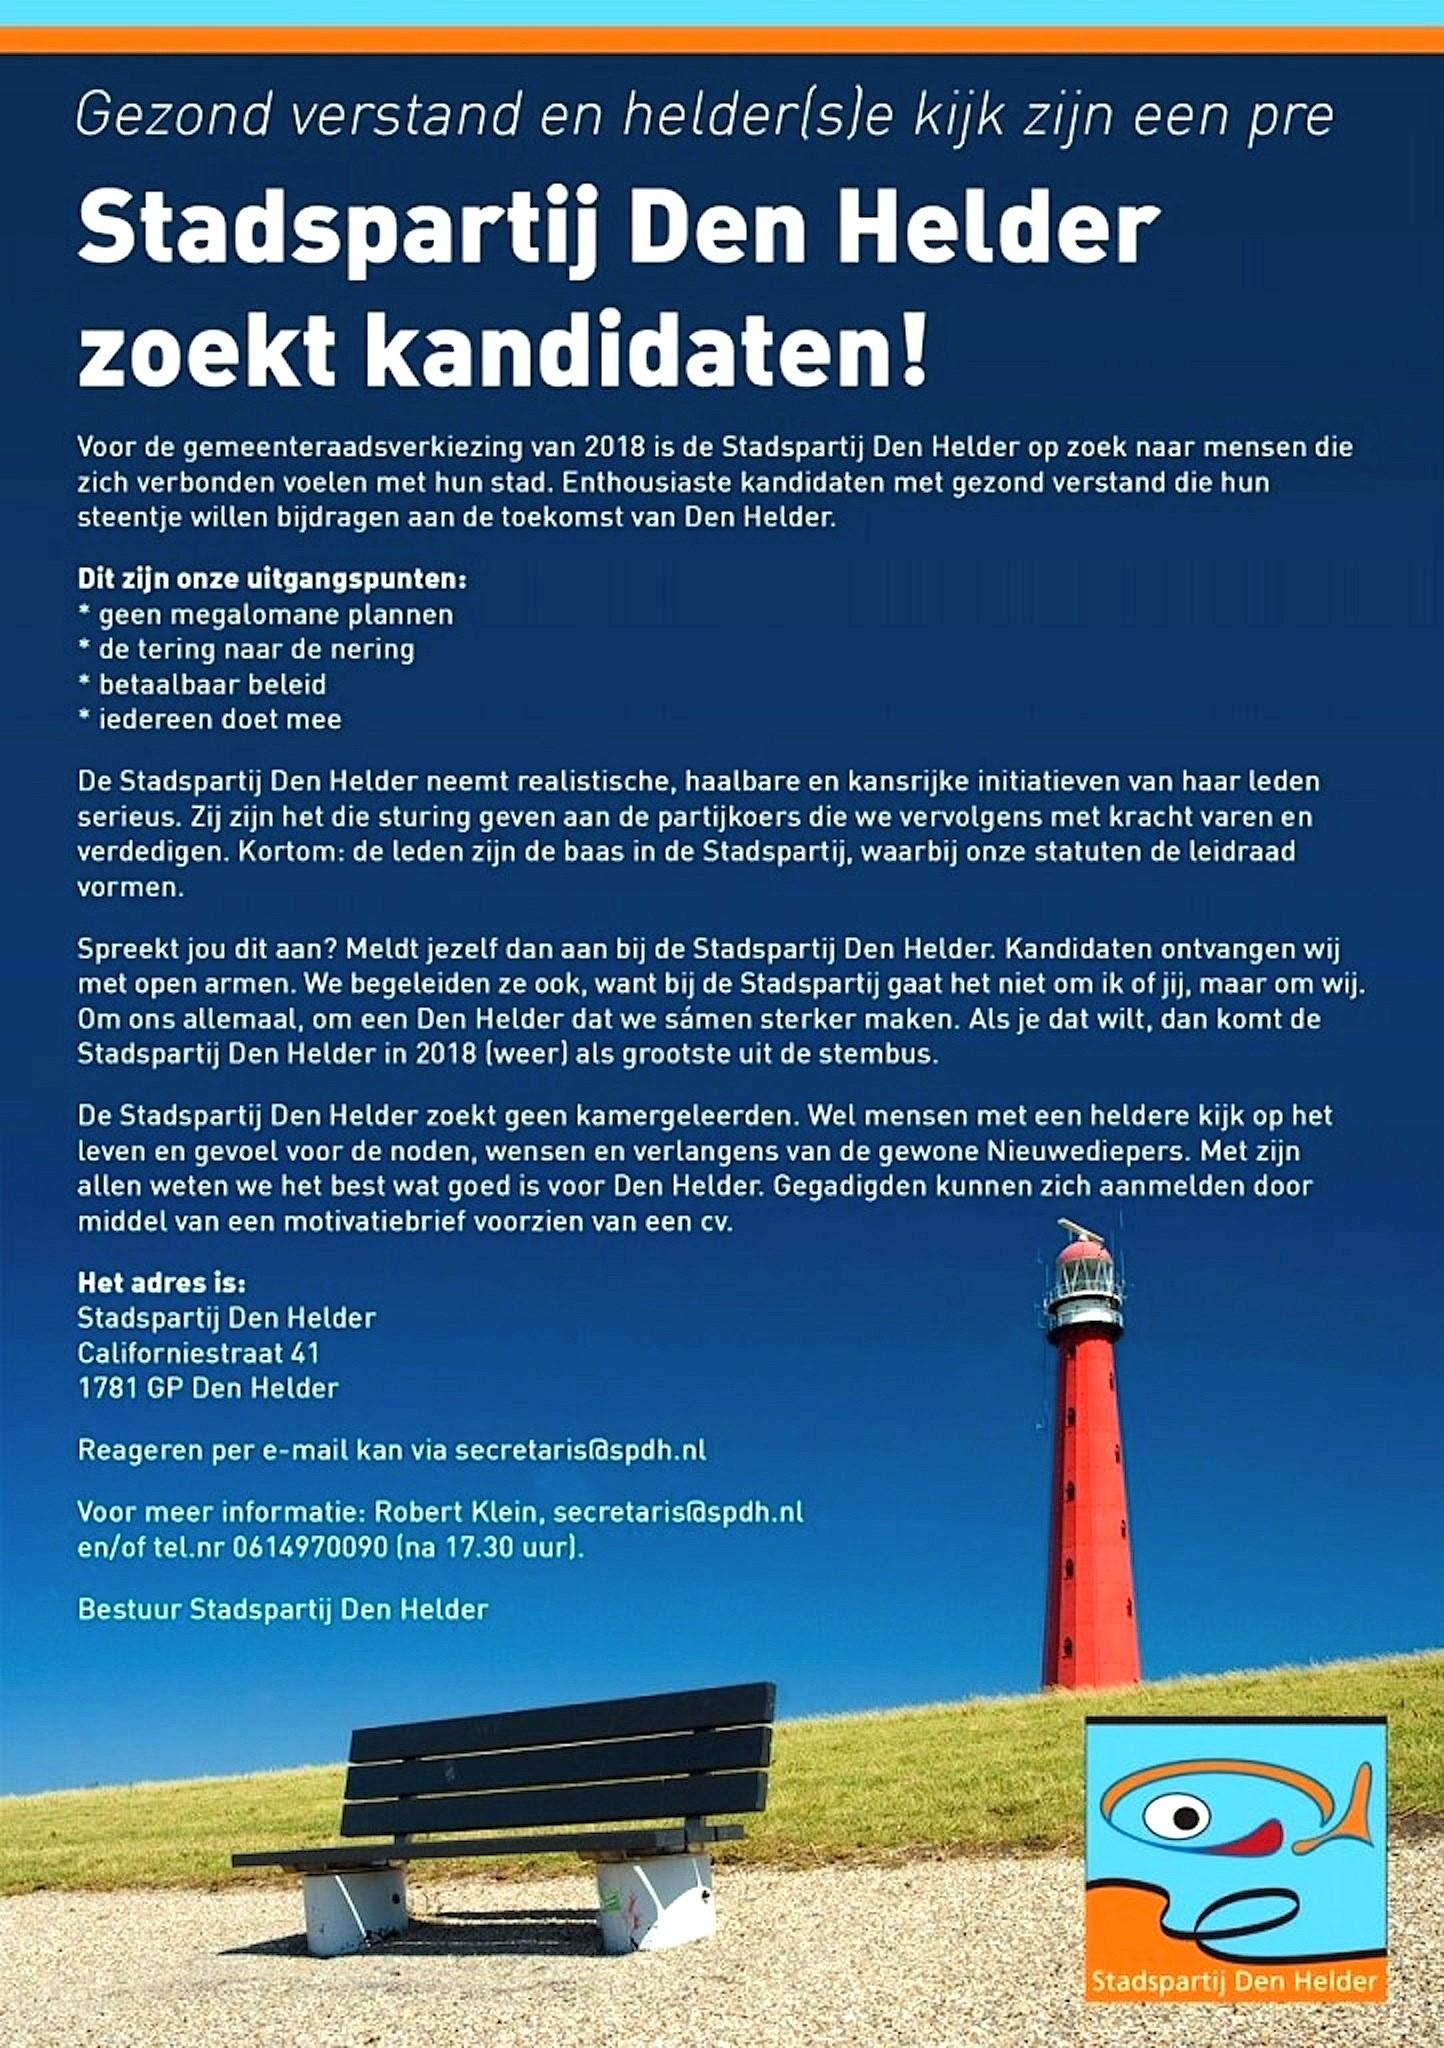 Stadspartij Den Helder zoekt kandidaten!